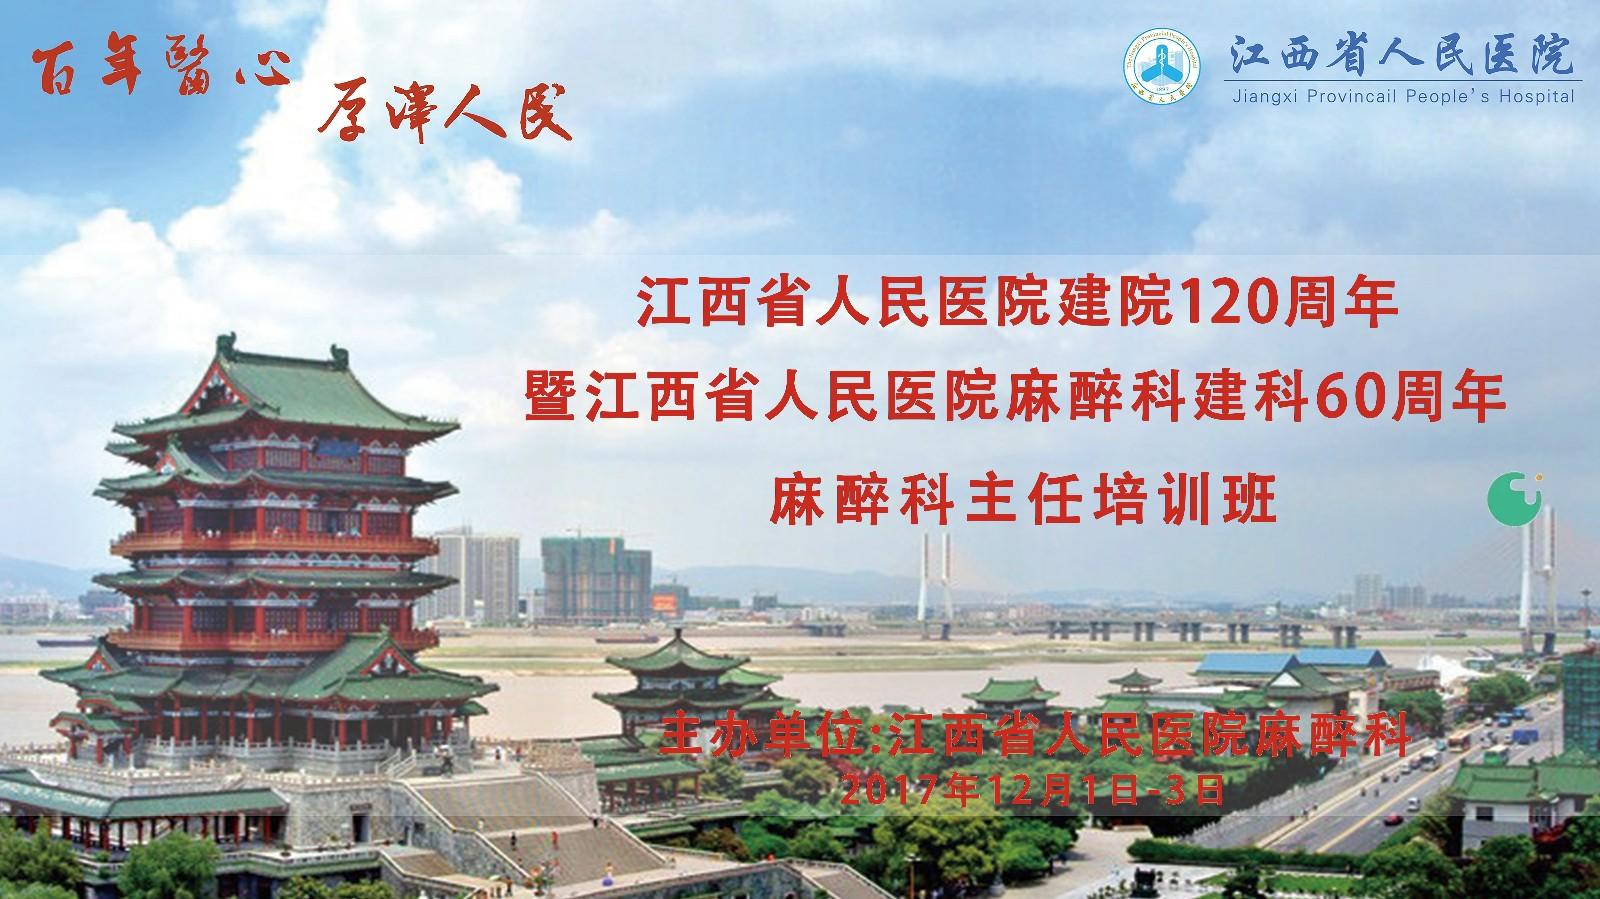 江西省人民医院建院120周年 暨江西省人民医院麻醉科建科60周年—麻醉科主任培训班